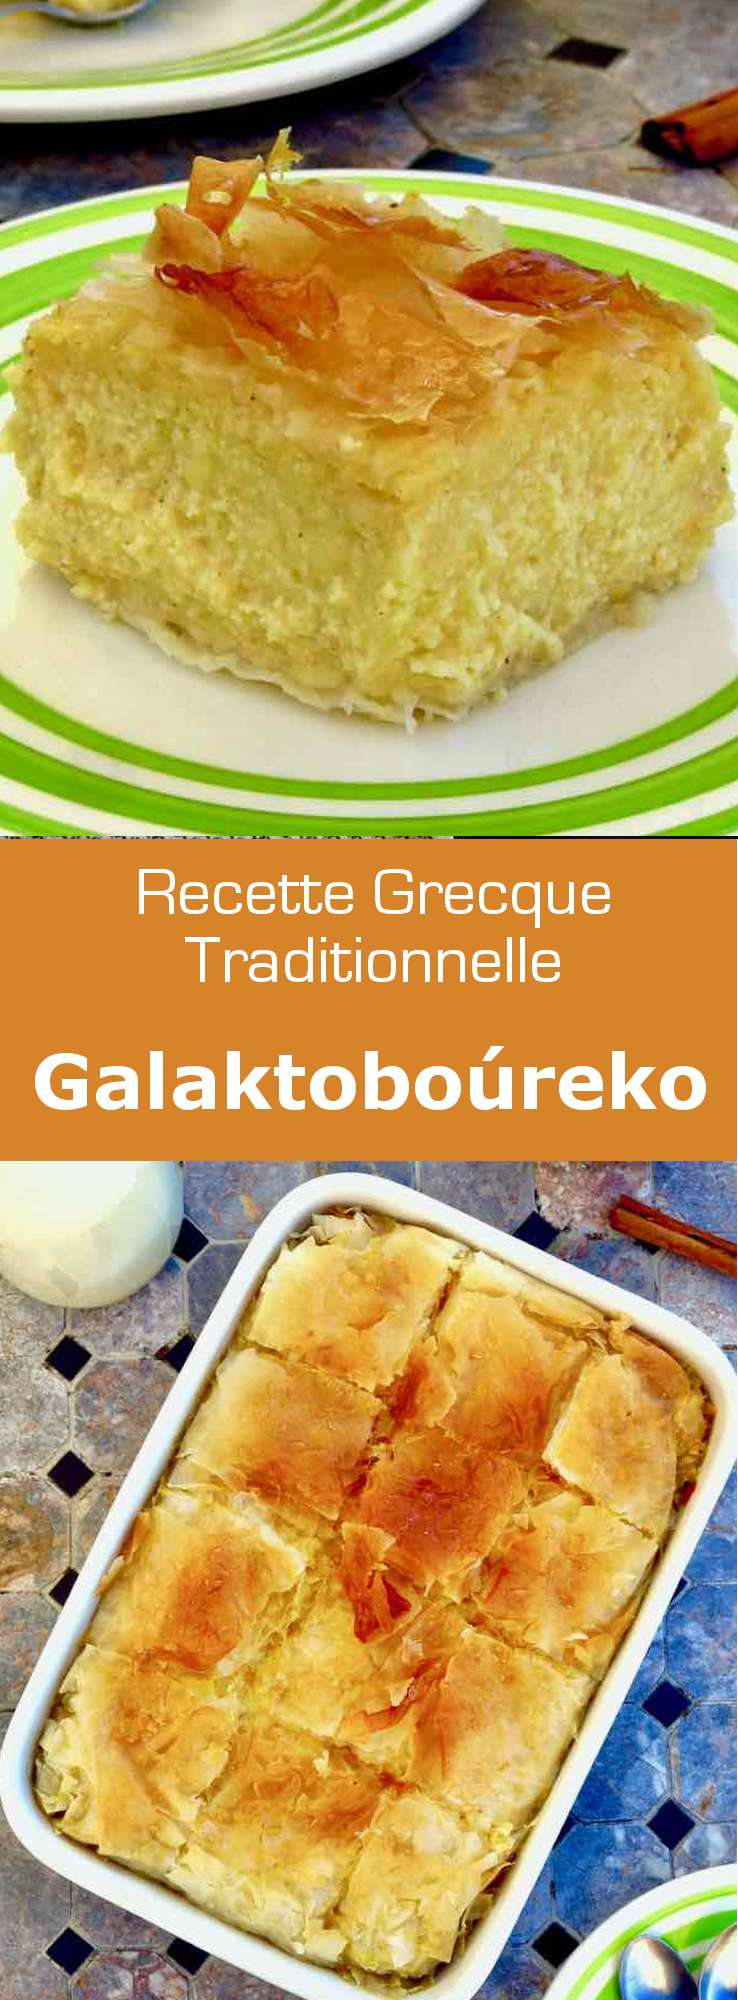 Le galaktoboúreko (Γαλακτομπούρεκο) est un dessert typique grec à base de pâte filo garnie de crème pâtissière citronnée et/ou vanillée et arrosée de sirop. #Grece #RecetteGrecque #CuisineGrecque #CuisineMediterraneenne #CuisineDuMonde #196flavors